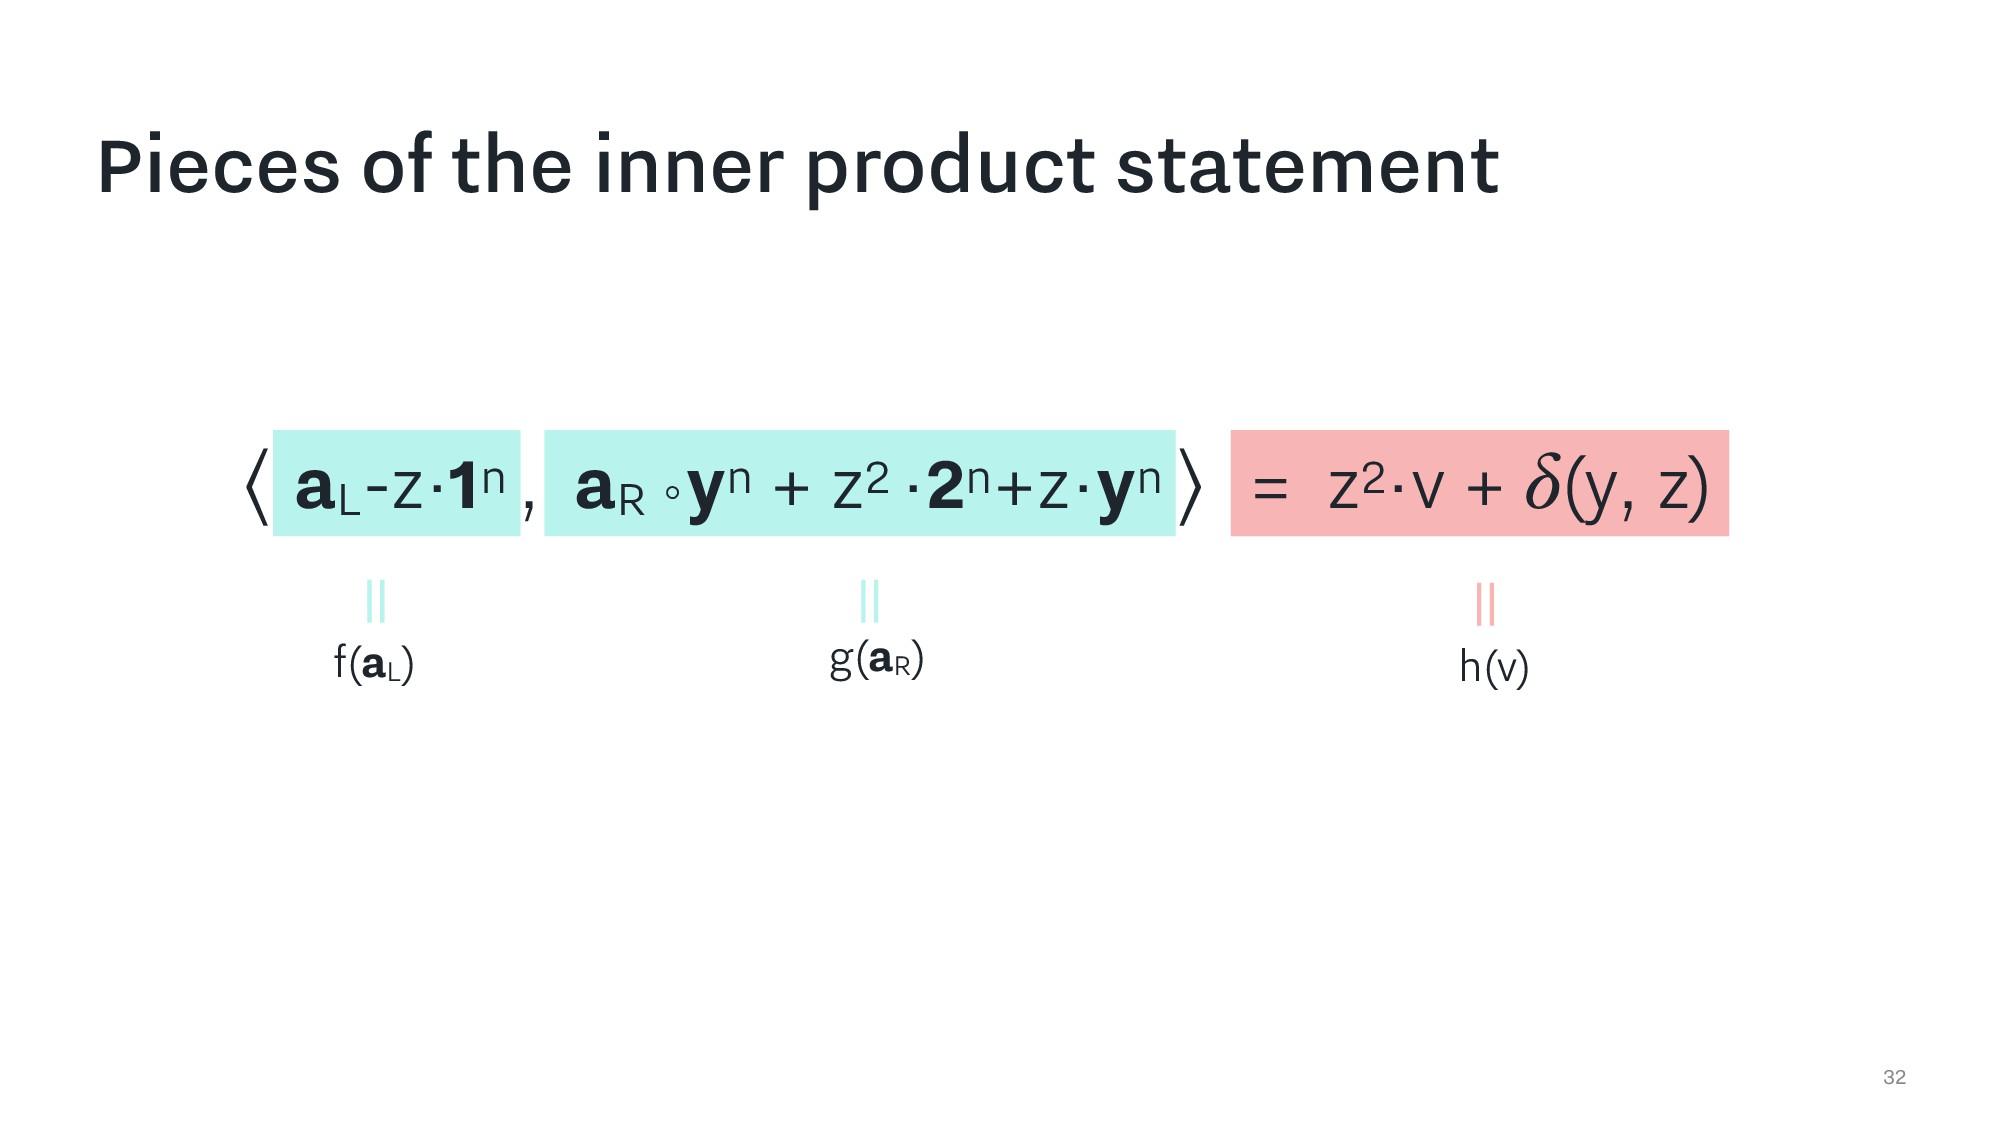 ⟨ aL-z·1n , aR ∘yn + z2 ·2n+z·yn ⟩ = z2·v + (y,...